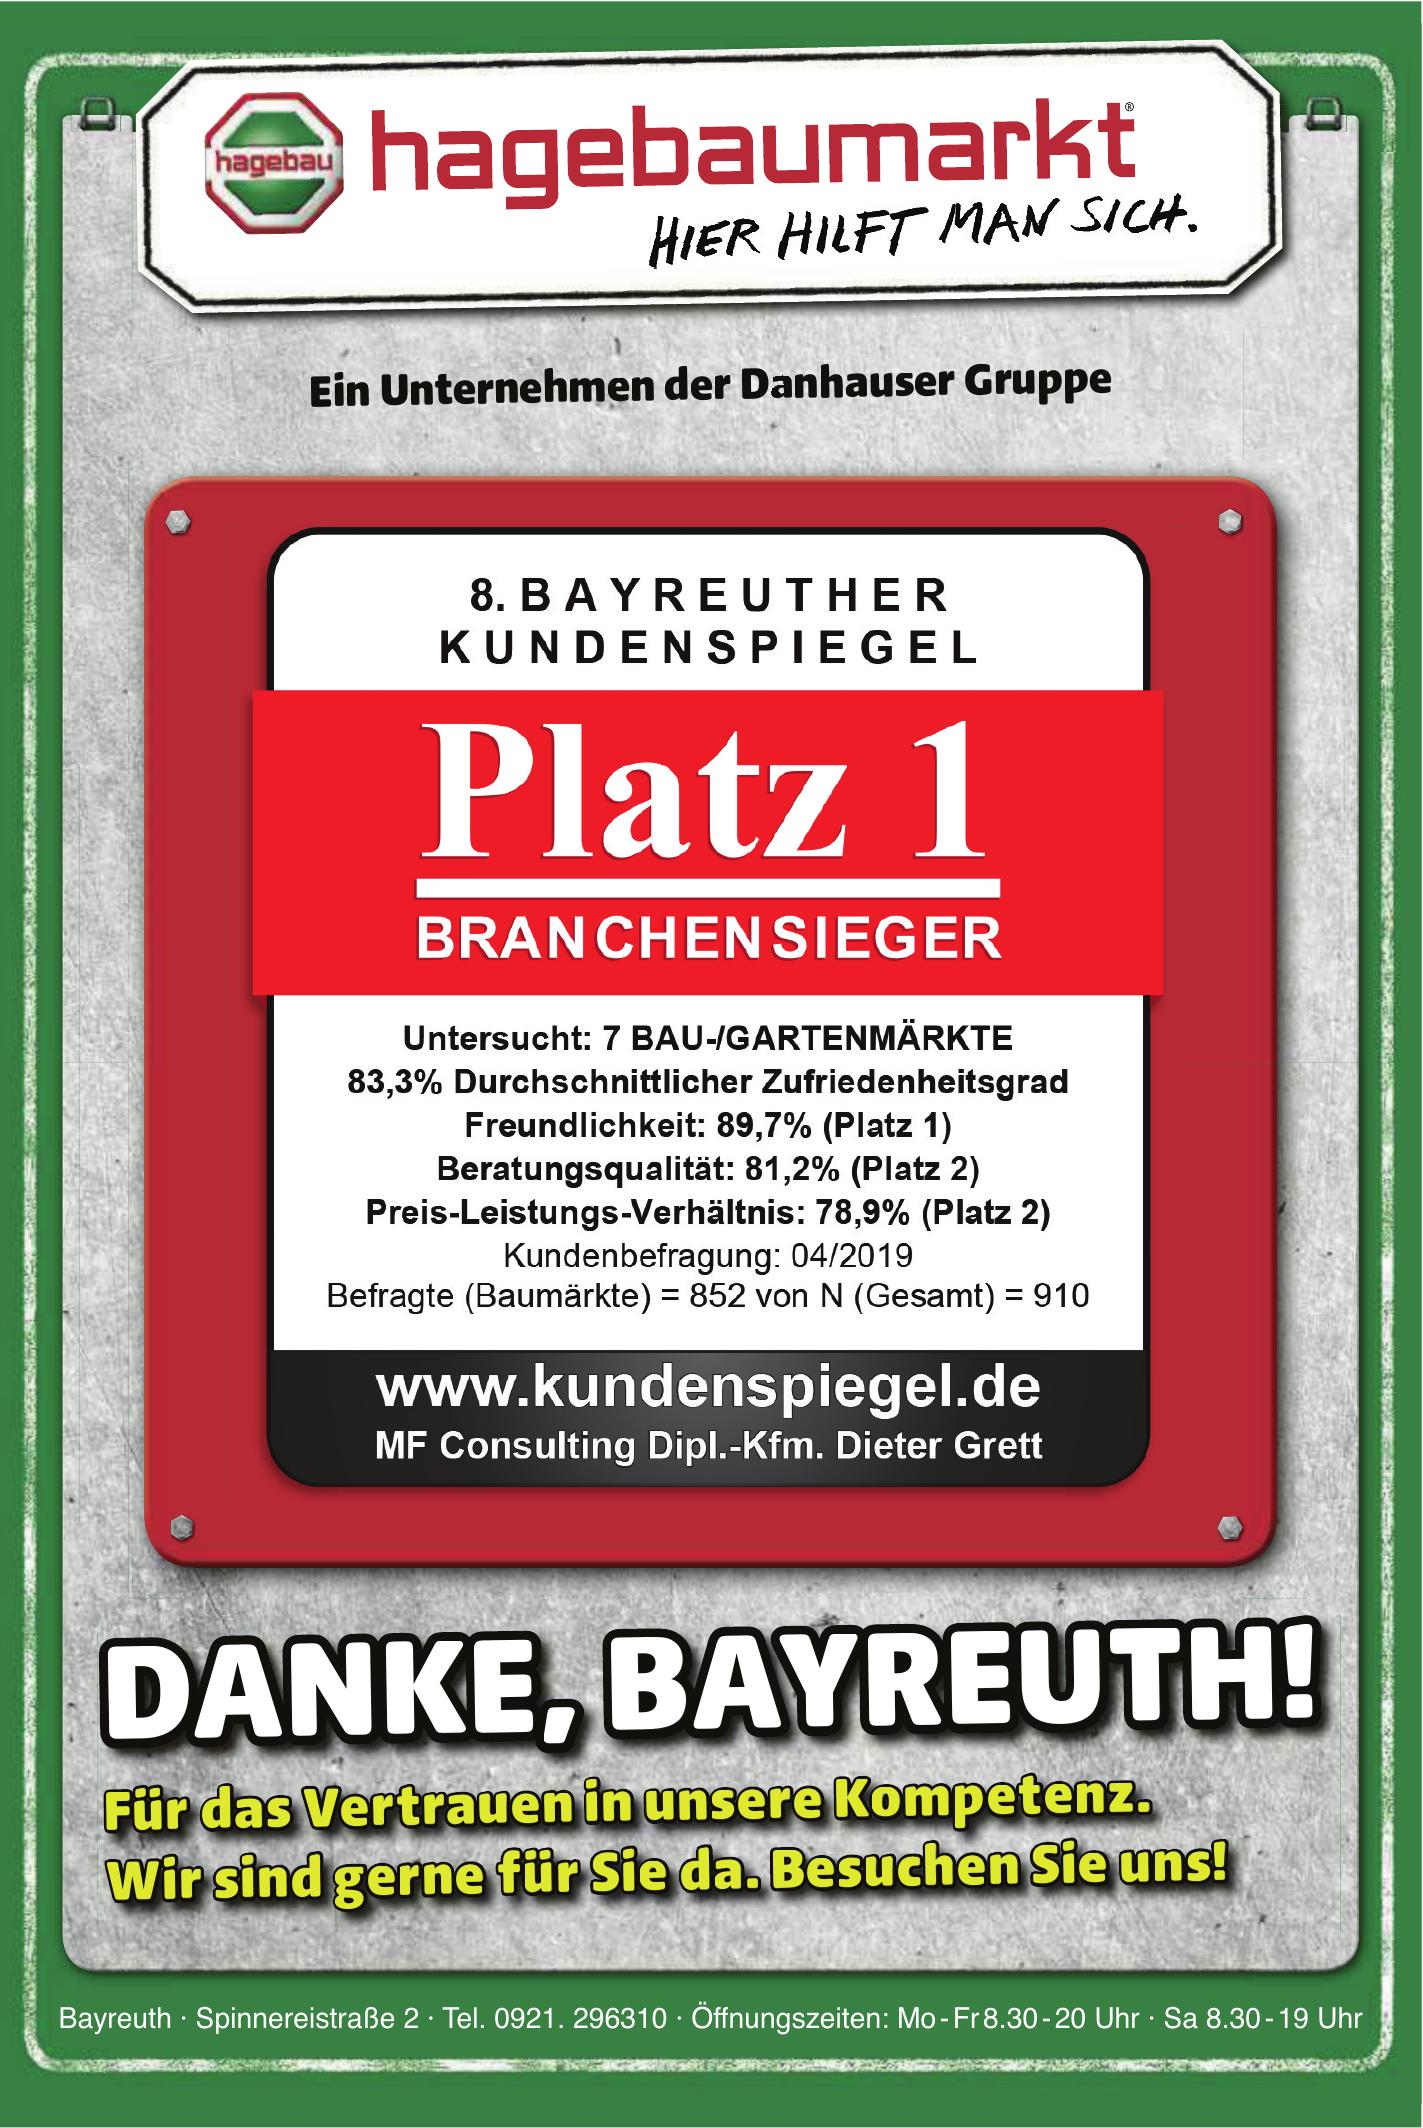 hagebaumarkt Bayreuth